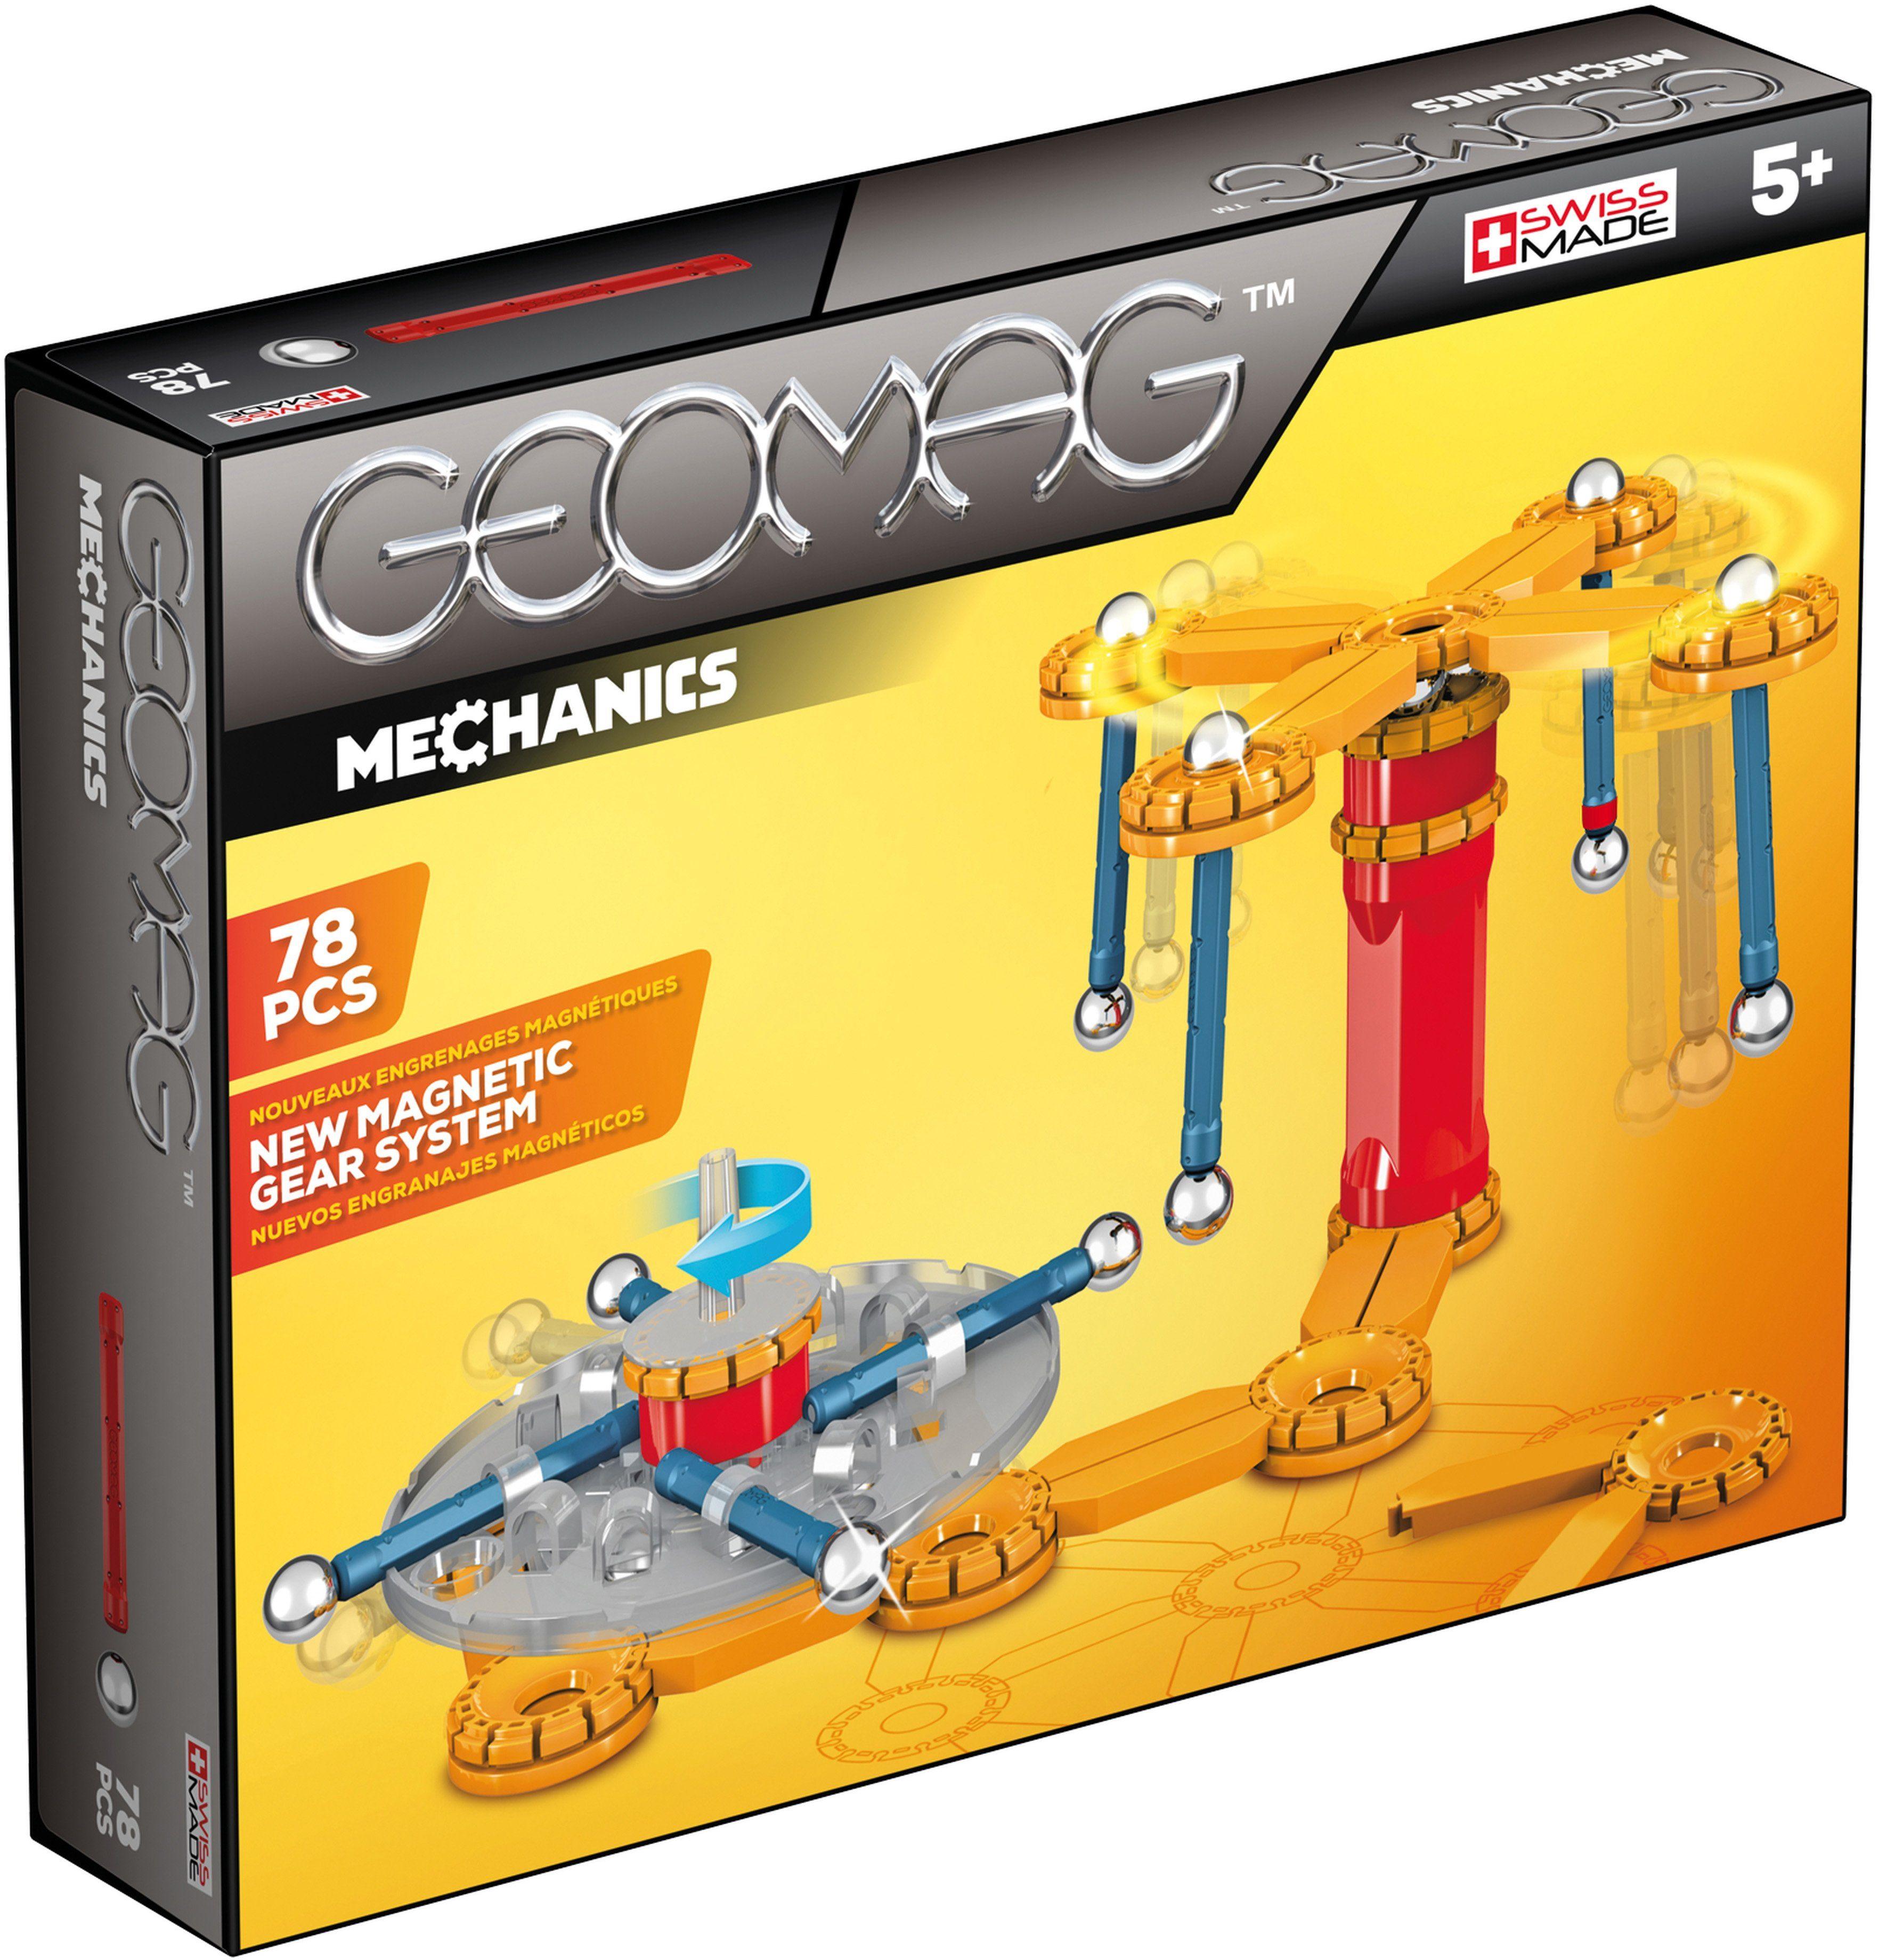 Geomag™ Konstruktionsspielzeug (78-tlg.), »Mechanics«